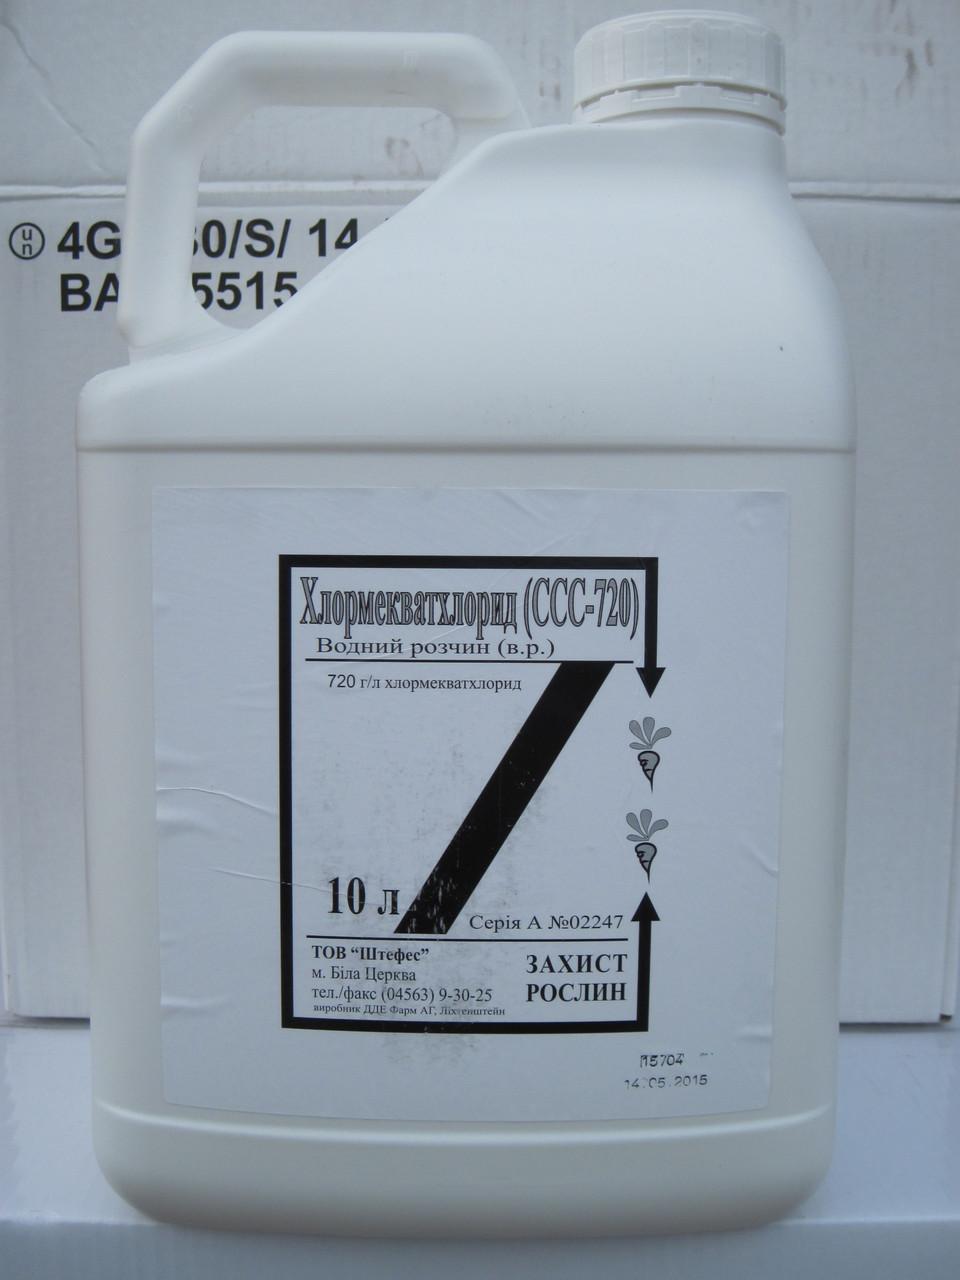 Регулятор роста Хлормекватхлорид(Аналог Берегиня)